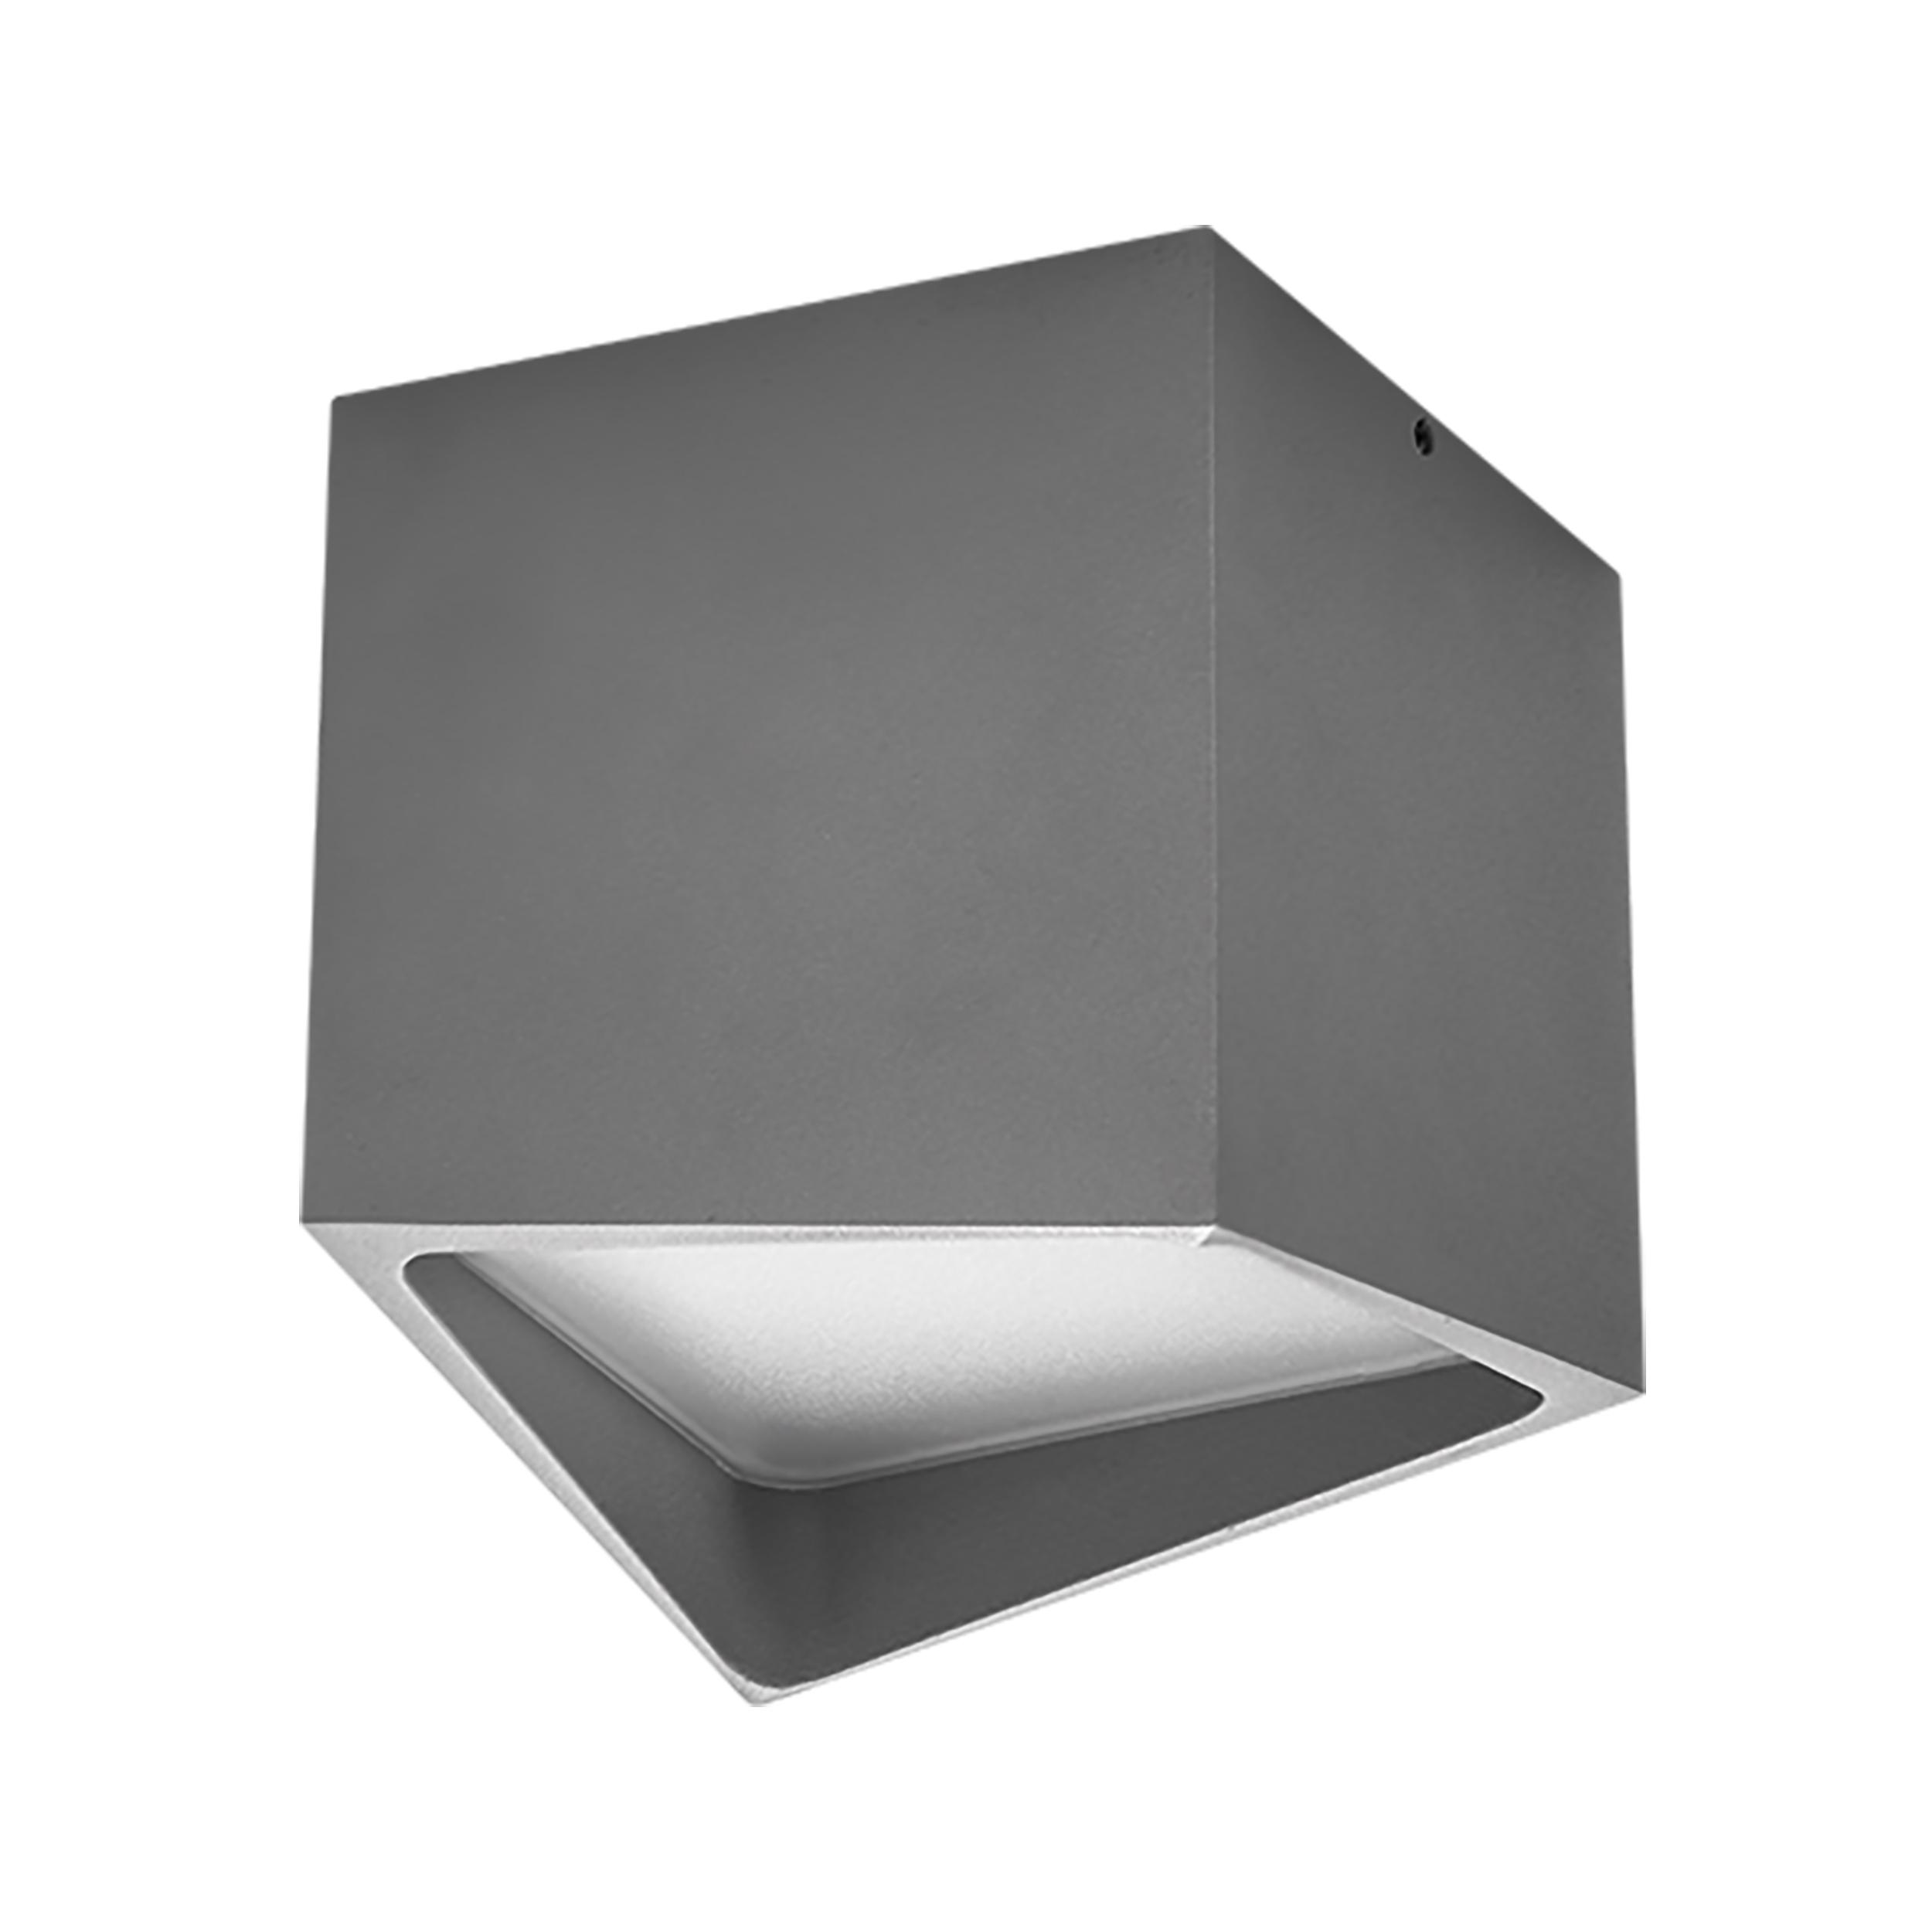 Потолочный светодиодный светильник Lightstar Quadro 211479, IP55, LED 12W 3000K 960lm, серый, металл - фото 1